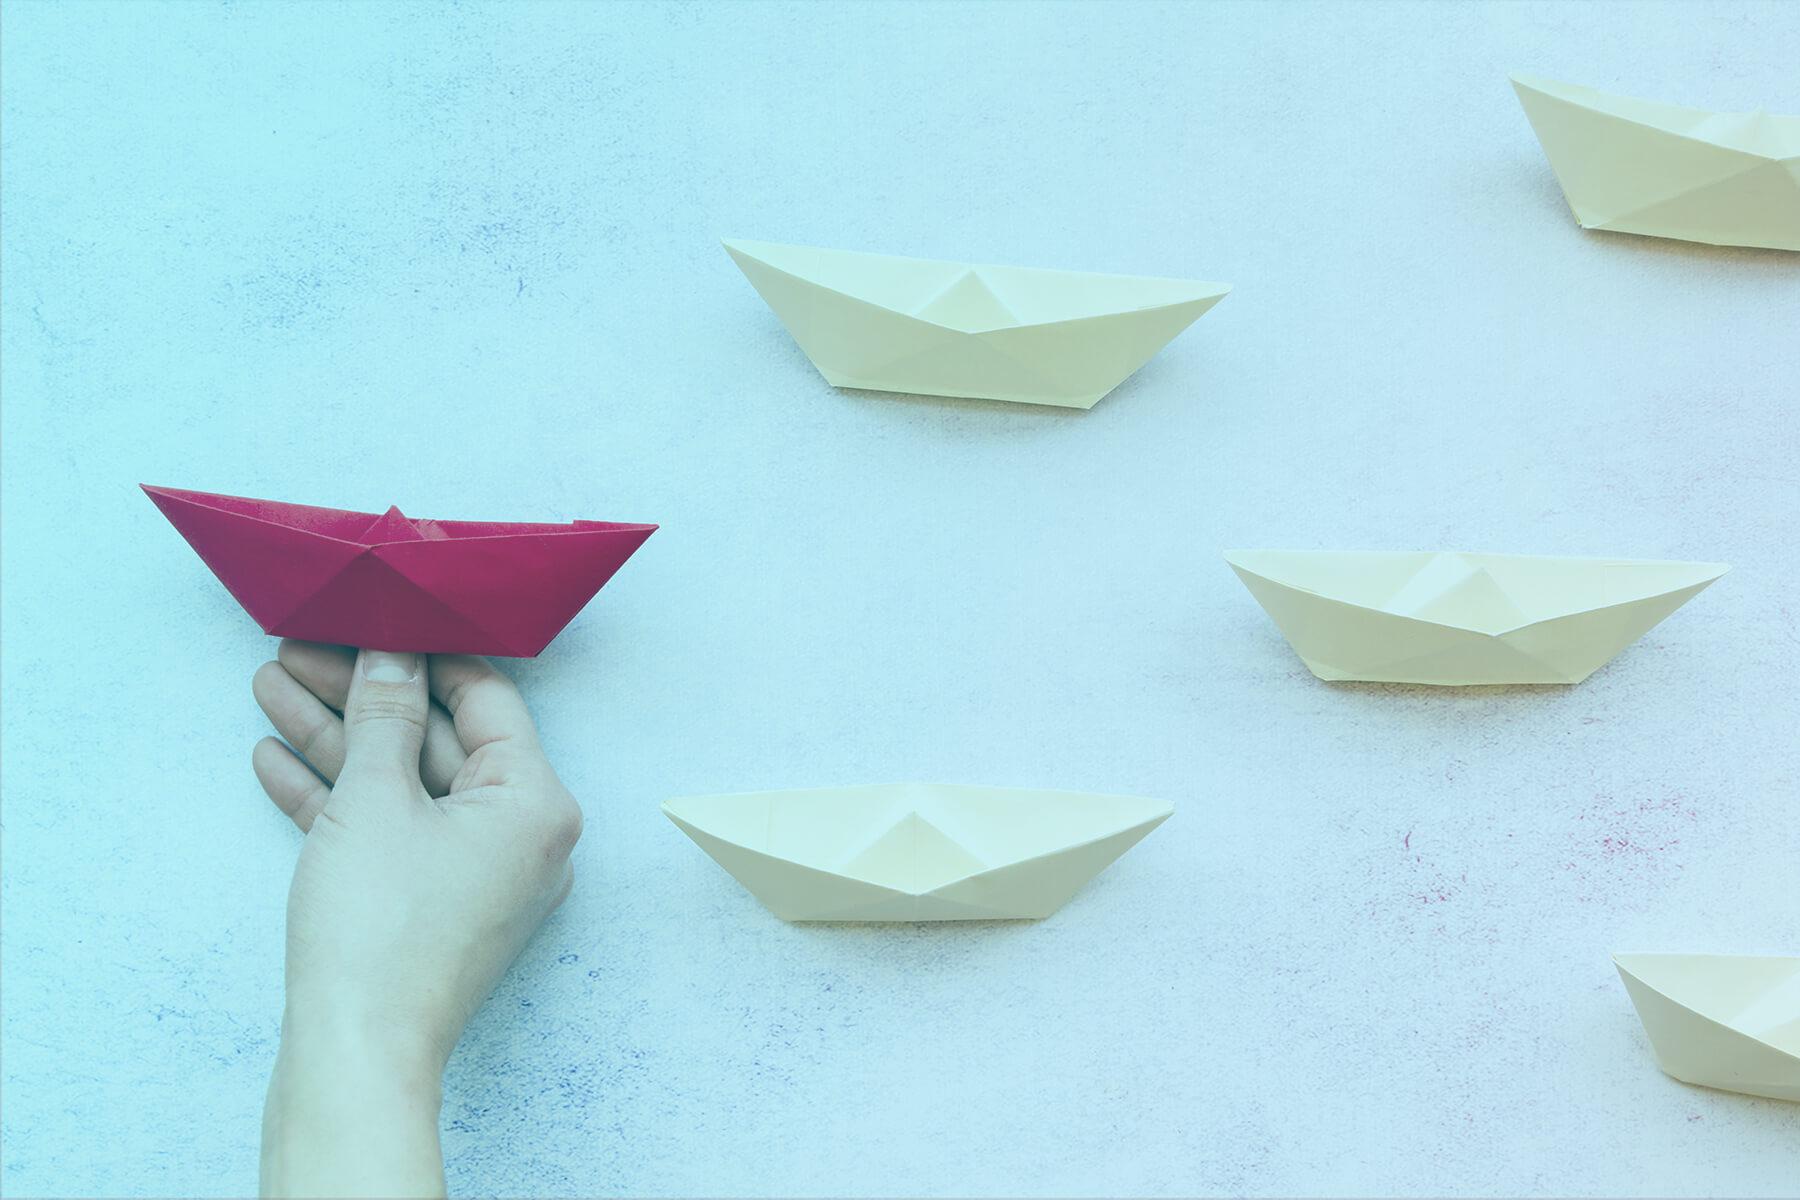 papierové loďky biele a červená